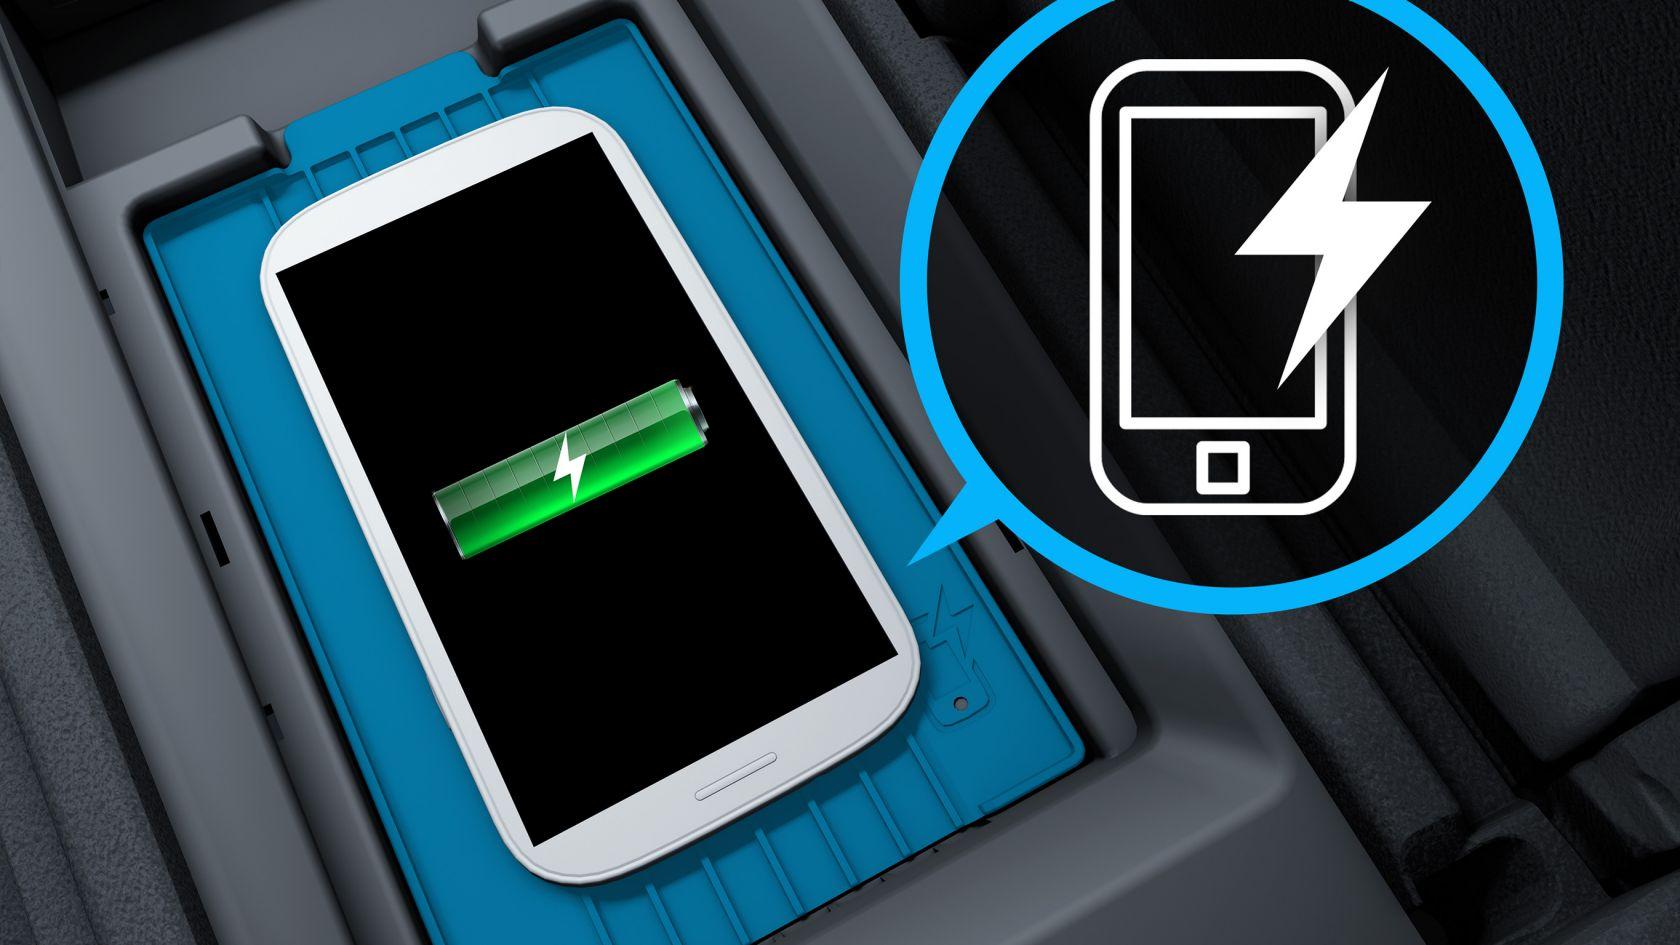 Беспроводная система подзарядки мобильных устройств